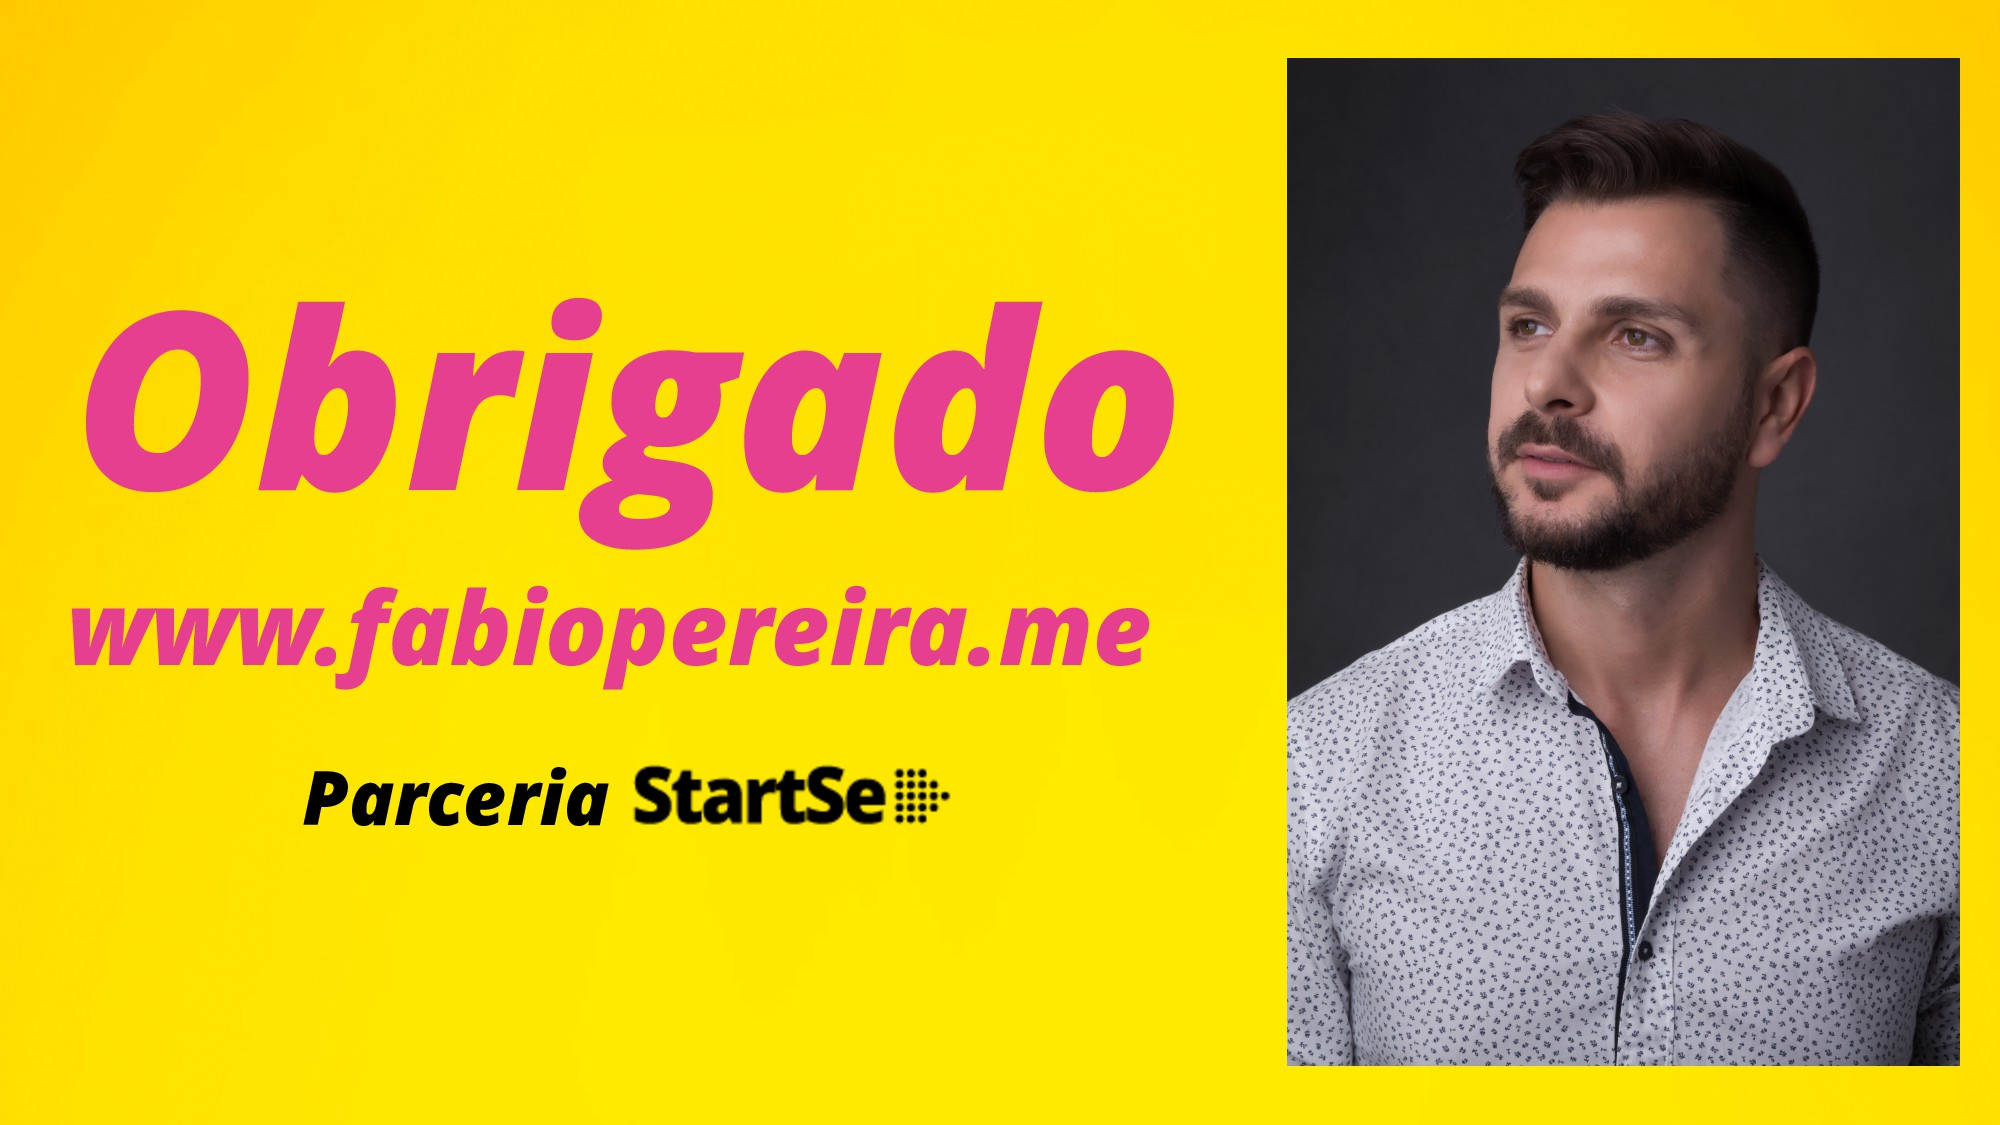 www.fabiopereira.me Obrigado Parceria